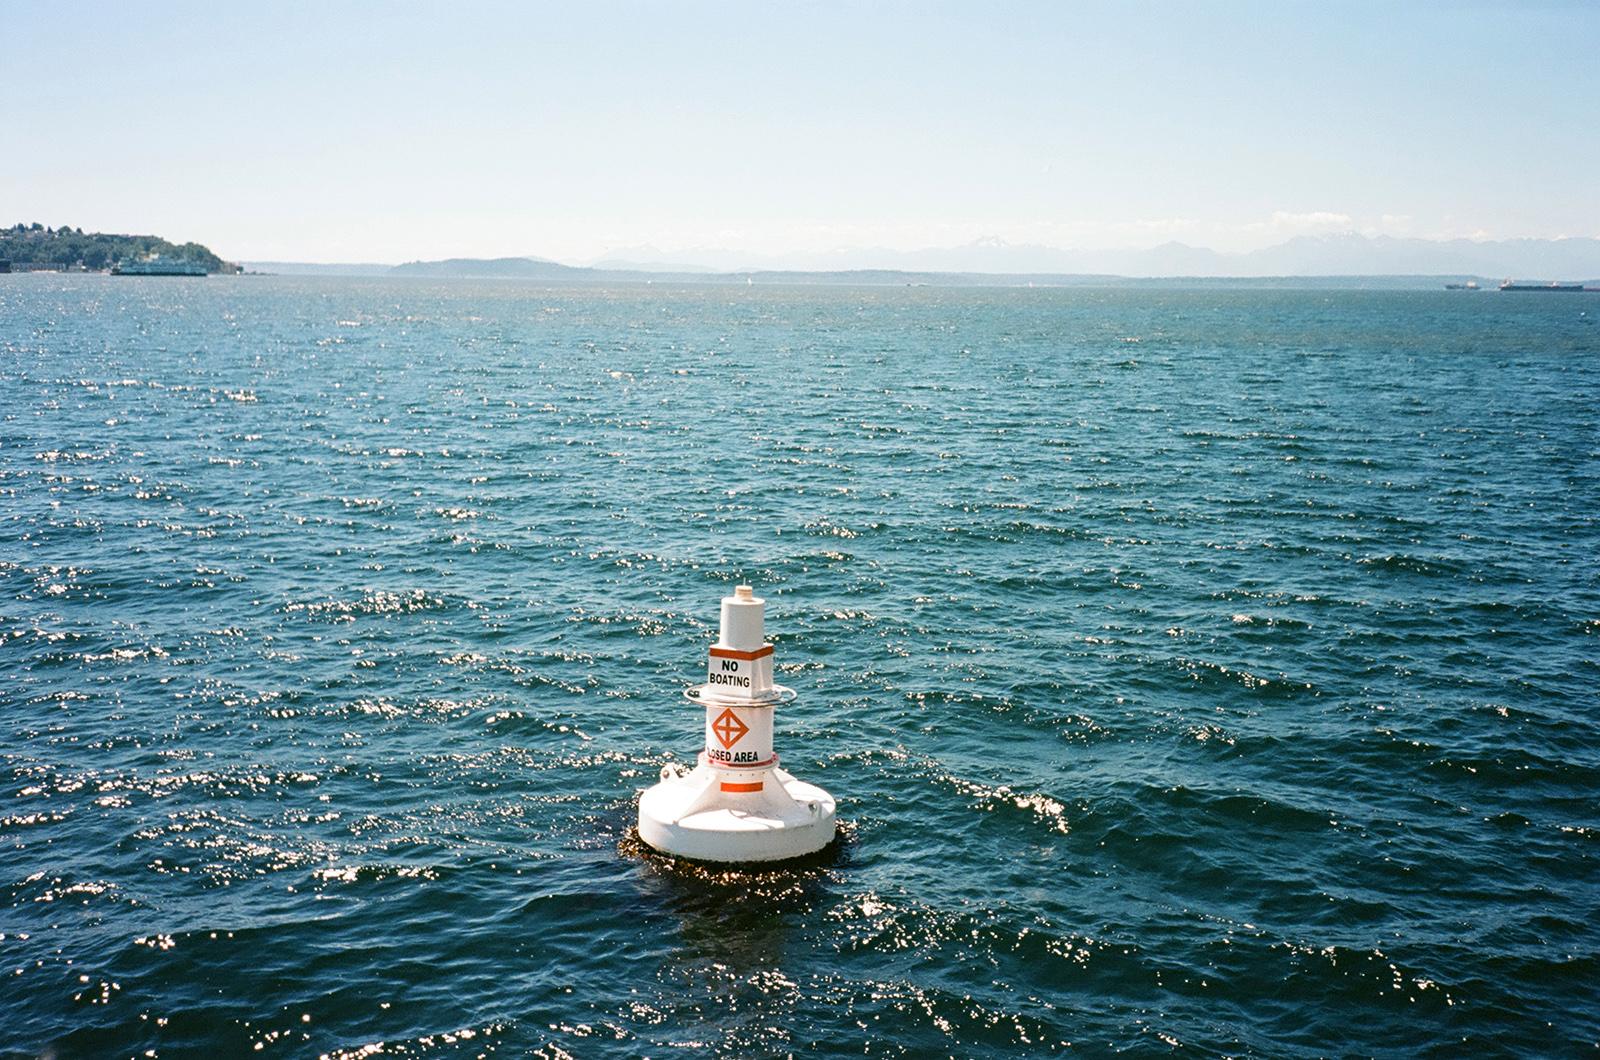 Out at sea, 2018